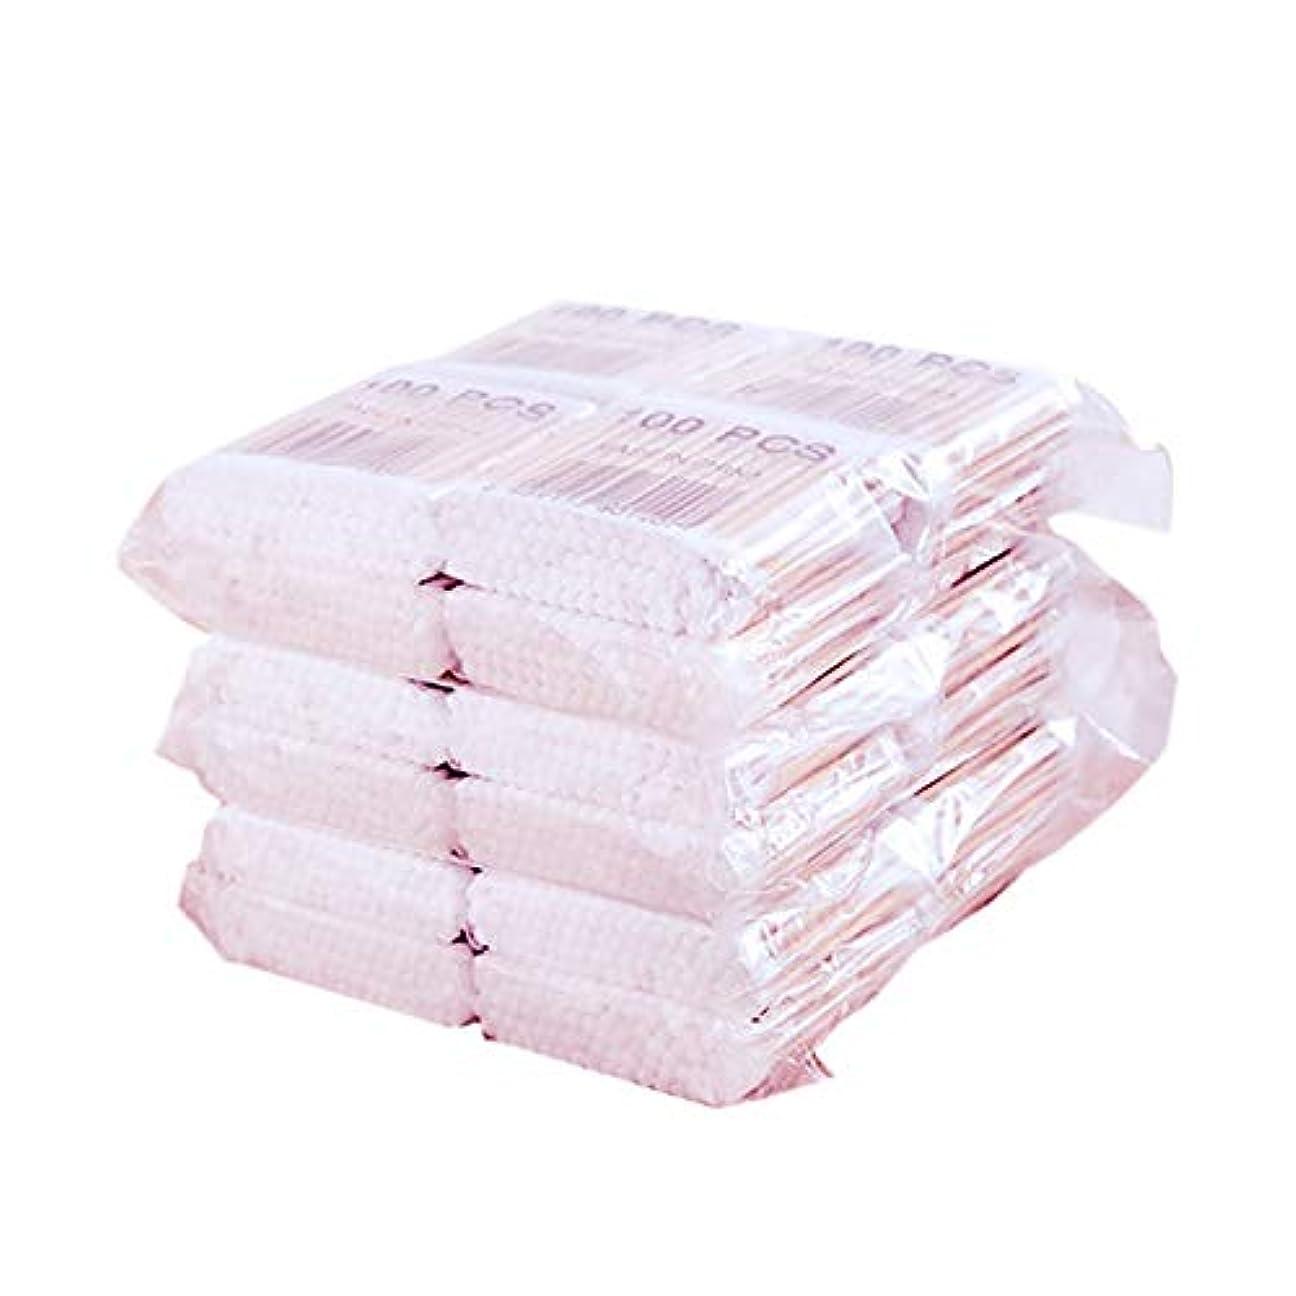 糞疫病TOOGOO 800個/パック使い捨て綿棒 竹綿つぼみ綿棒メディカルイヤークリーニングウッドスティック 化粧健康ツール タンポン